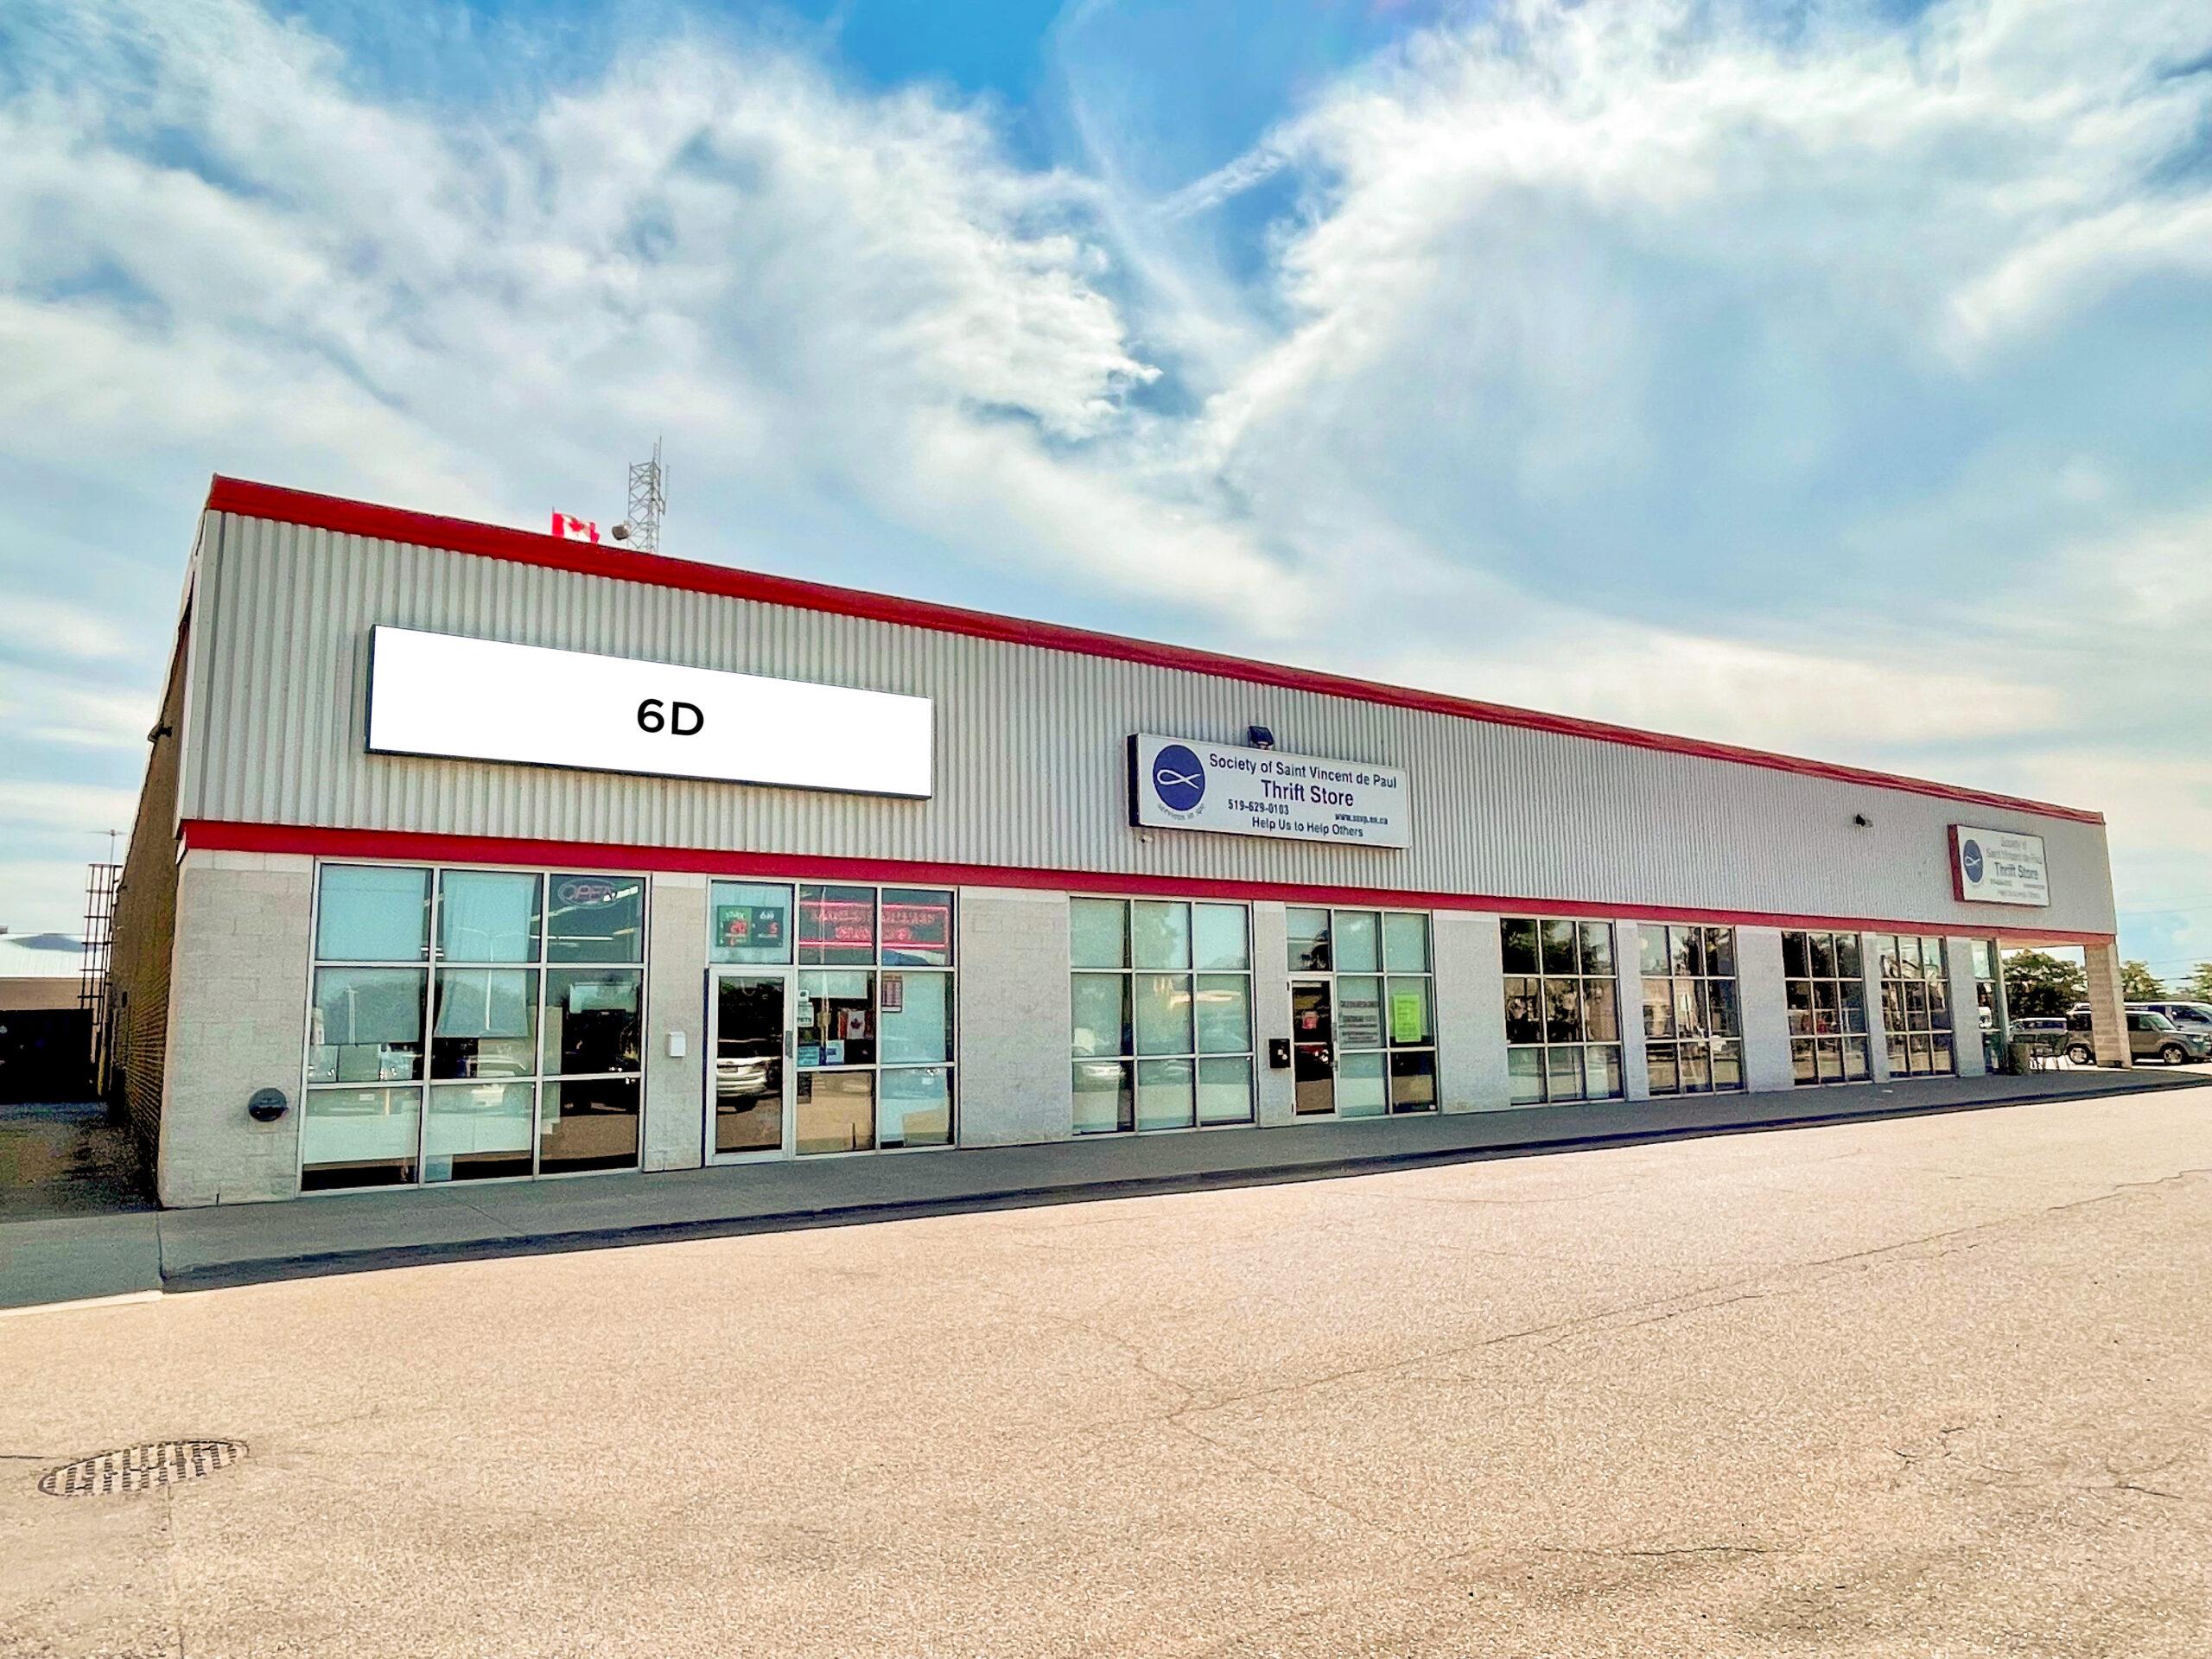 75 Dundas St N (Unit #6D), Cambridge | Retail Space for Lease